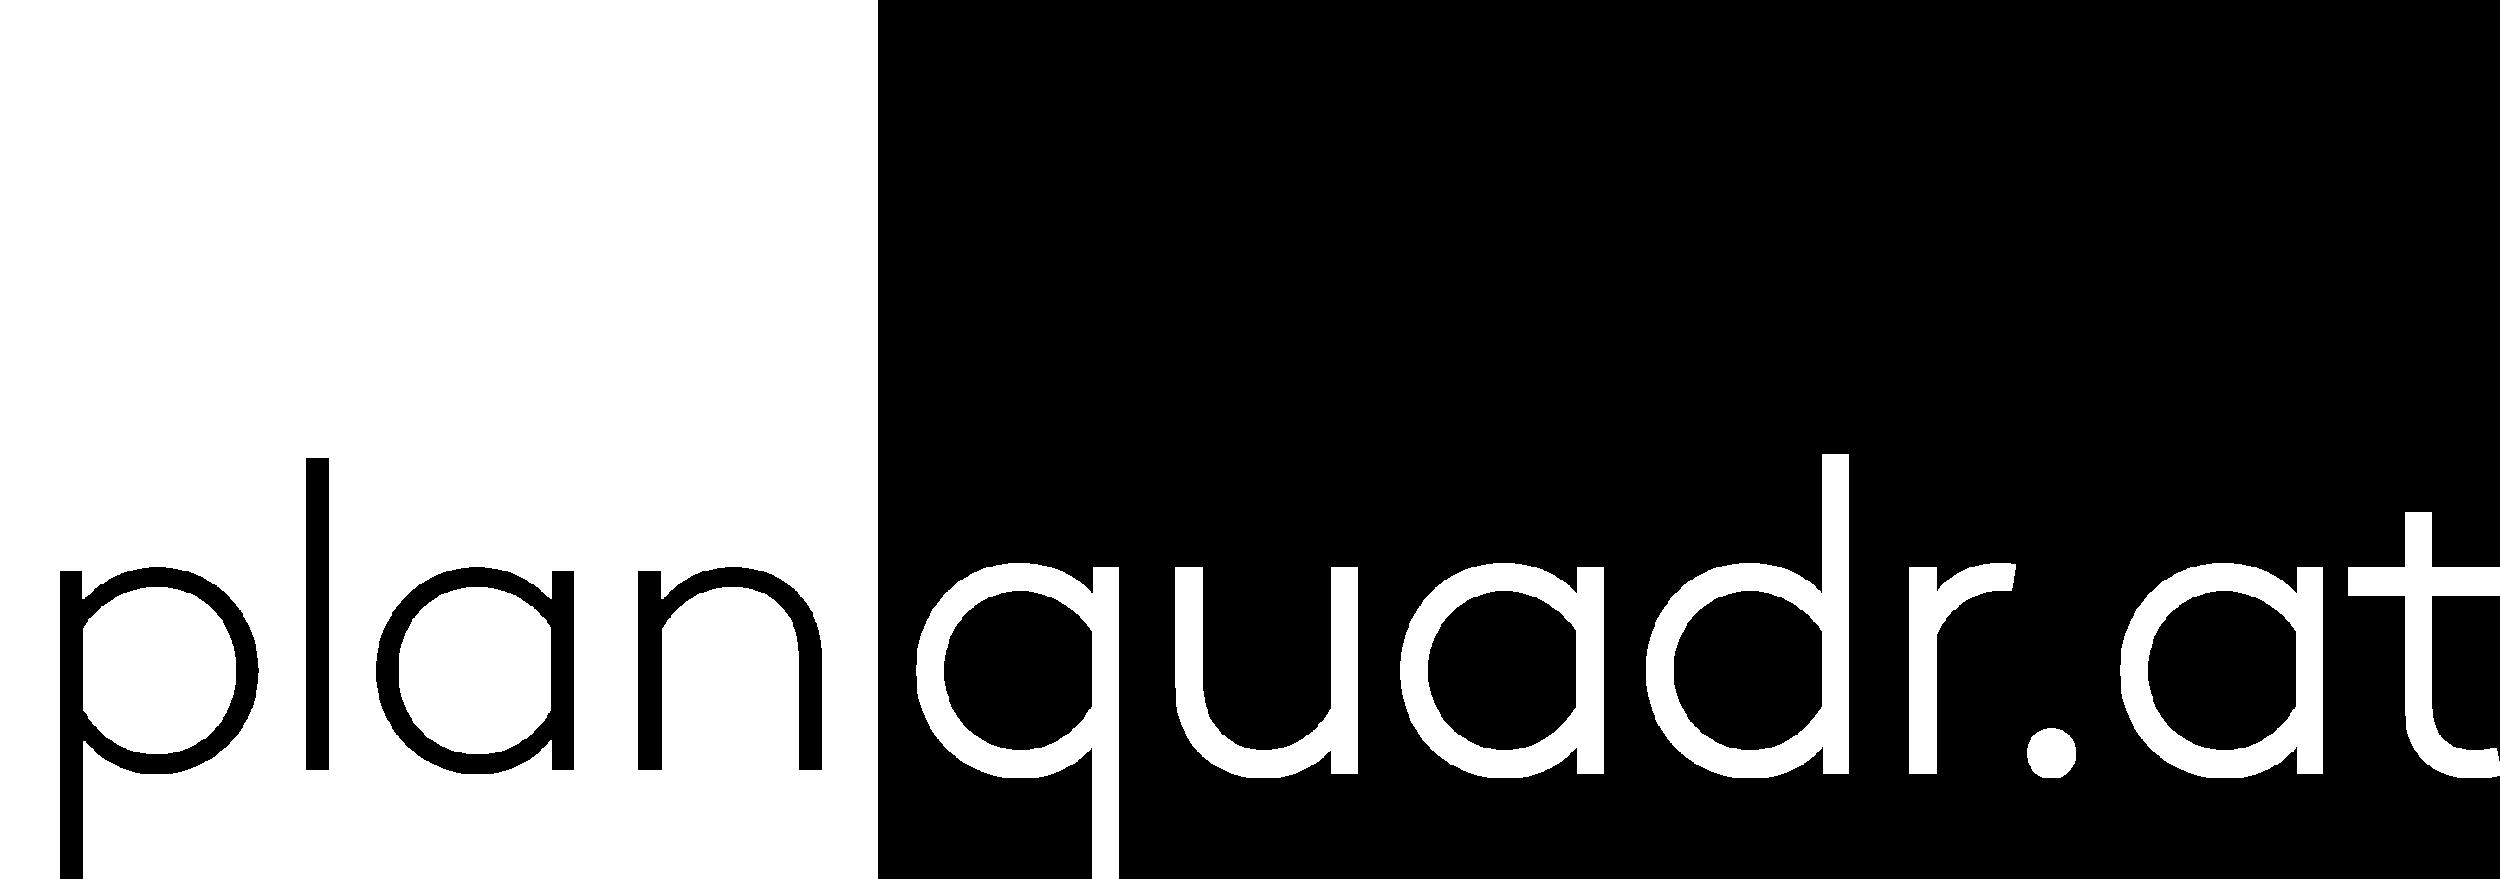 planquadrat_logo_weiss.png